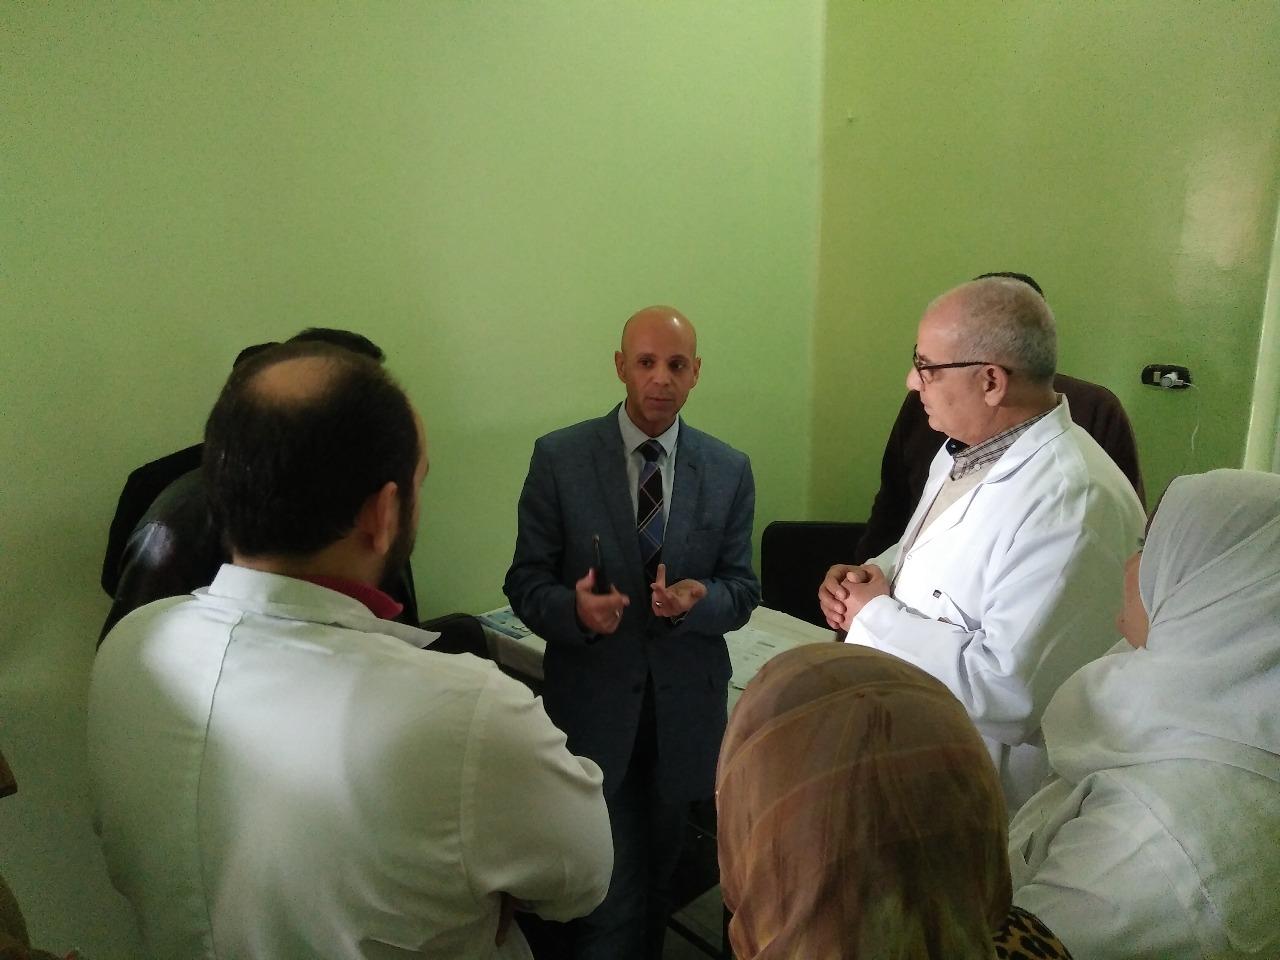 وكيل وزارة الصحة يقوم بزيارة مفاجأة لمستشفى الحميات